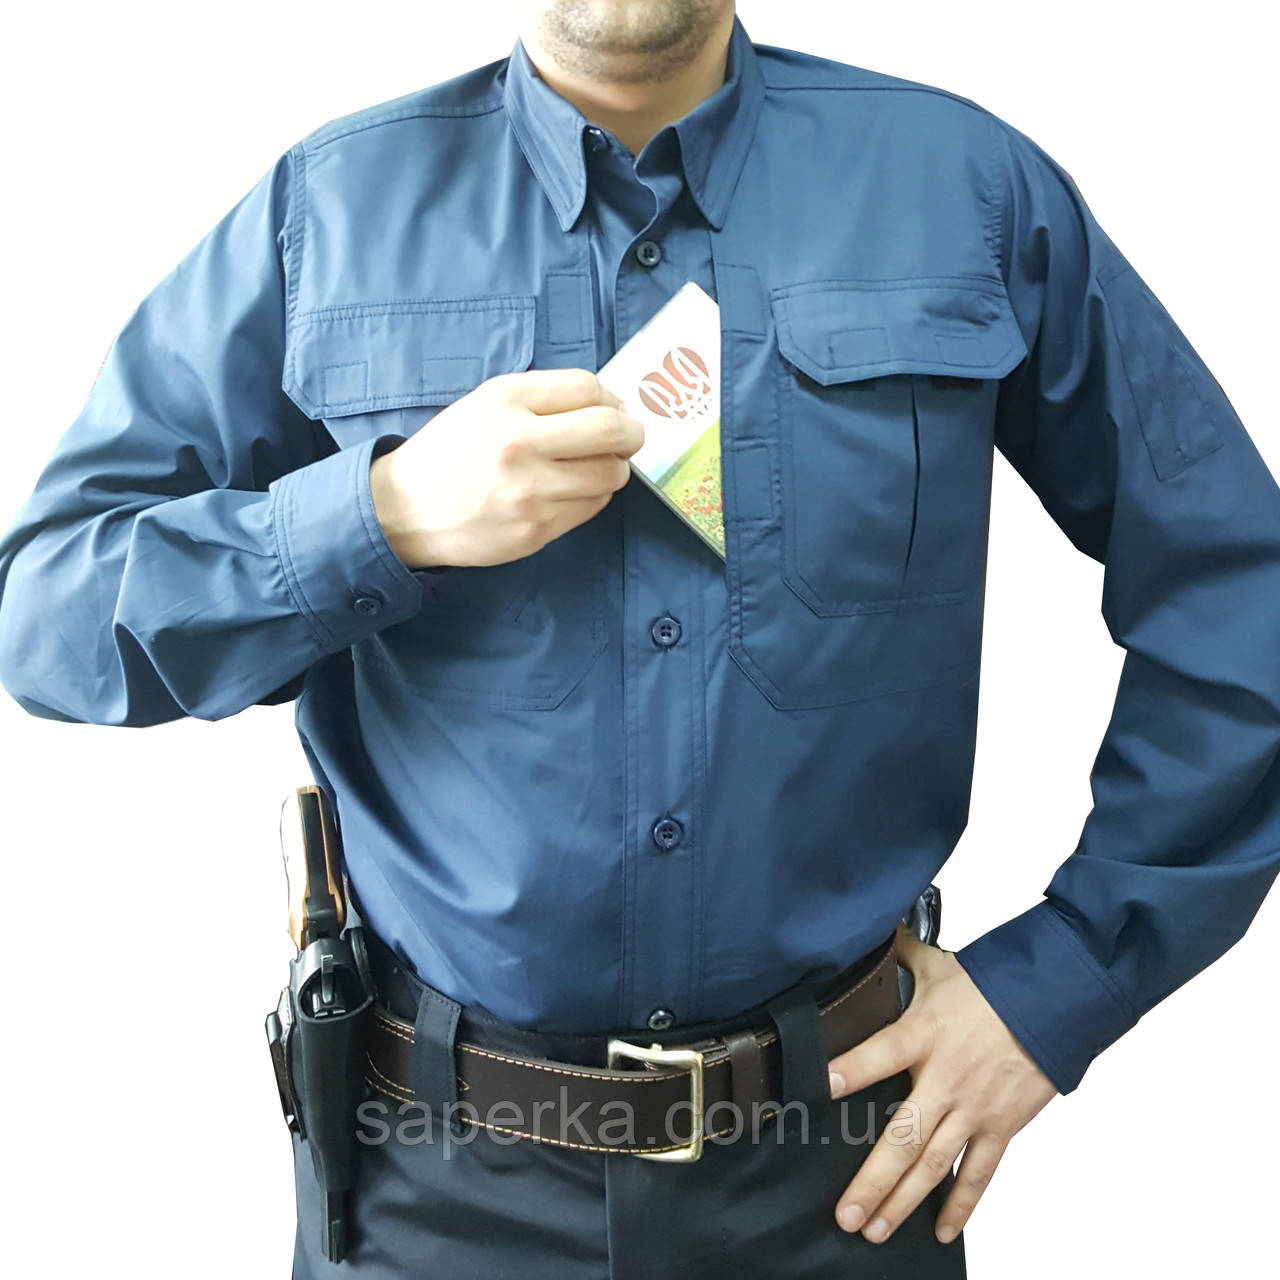 Рубашка милитари мужская Police